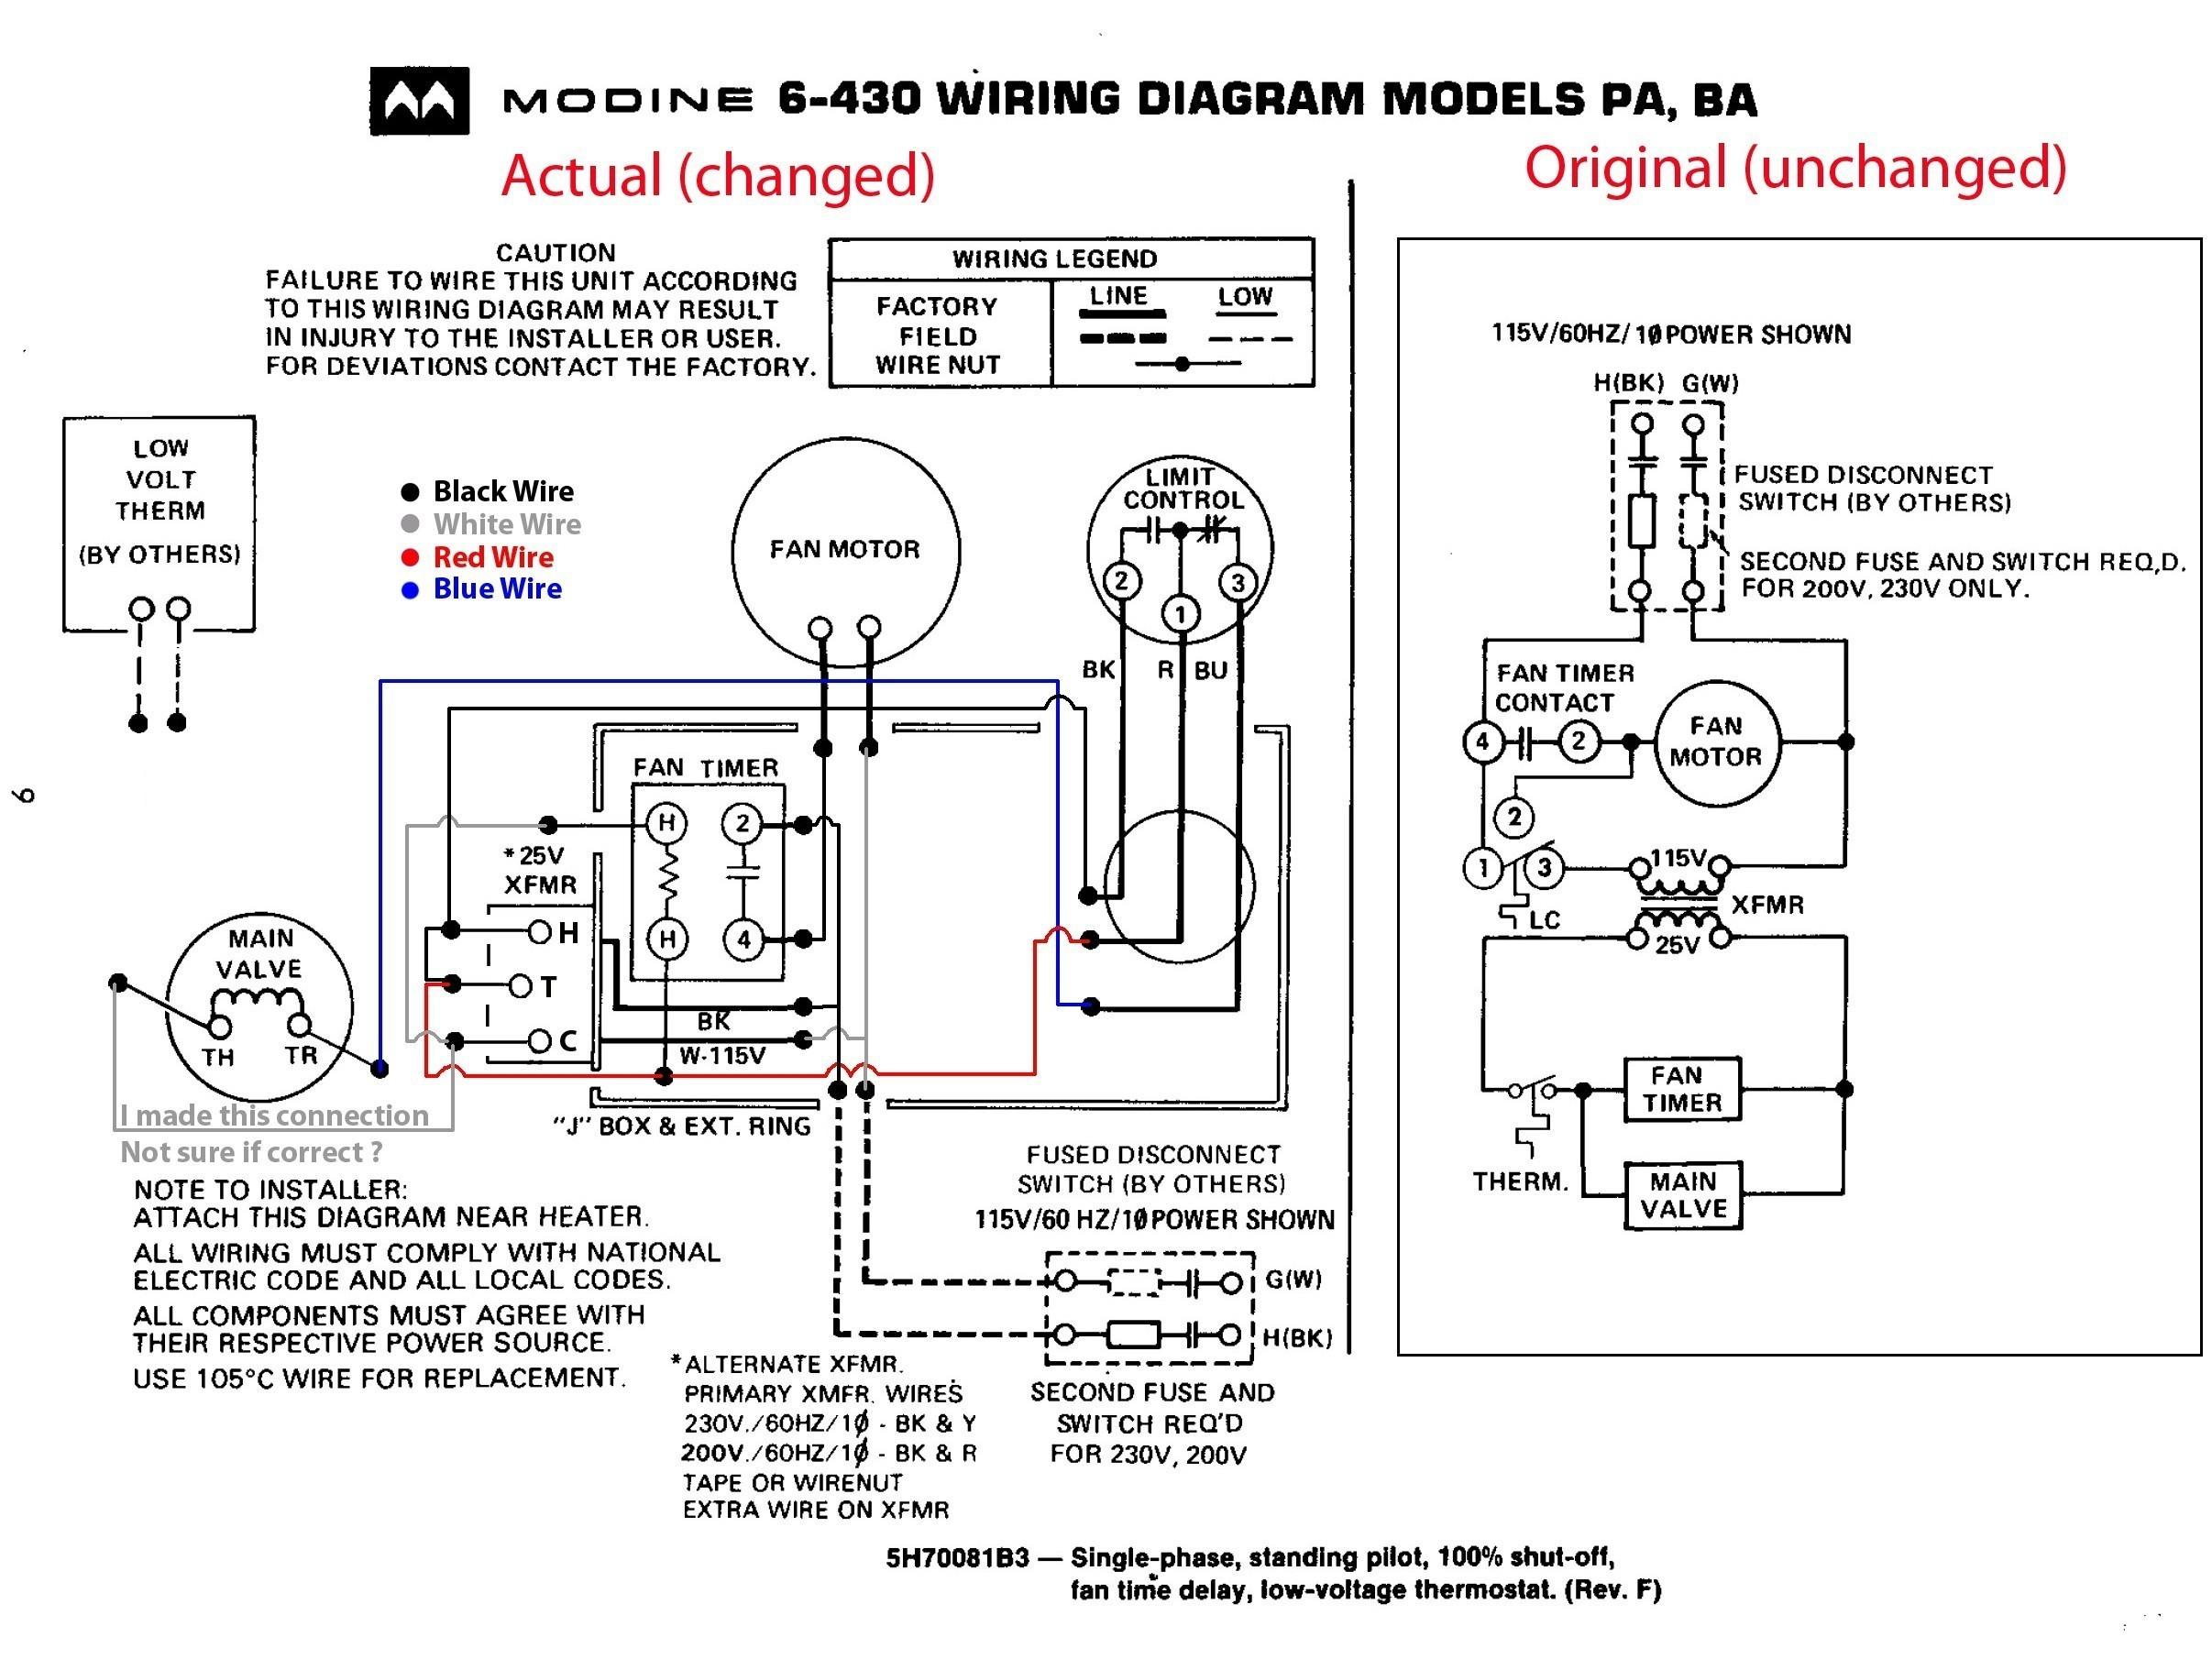 fan isolator switch wiring diagram